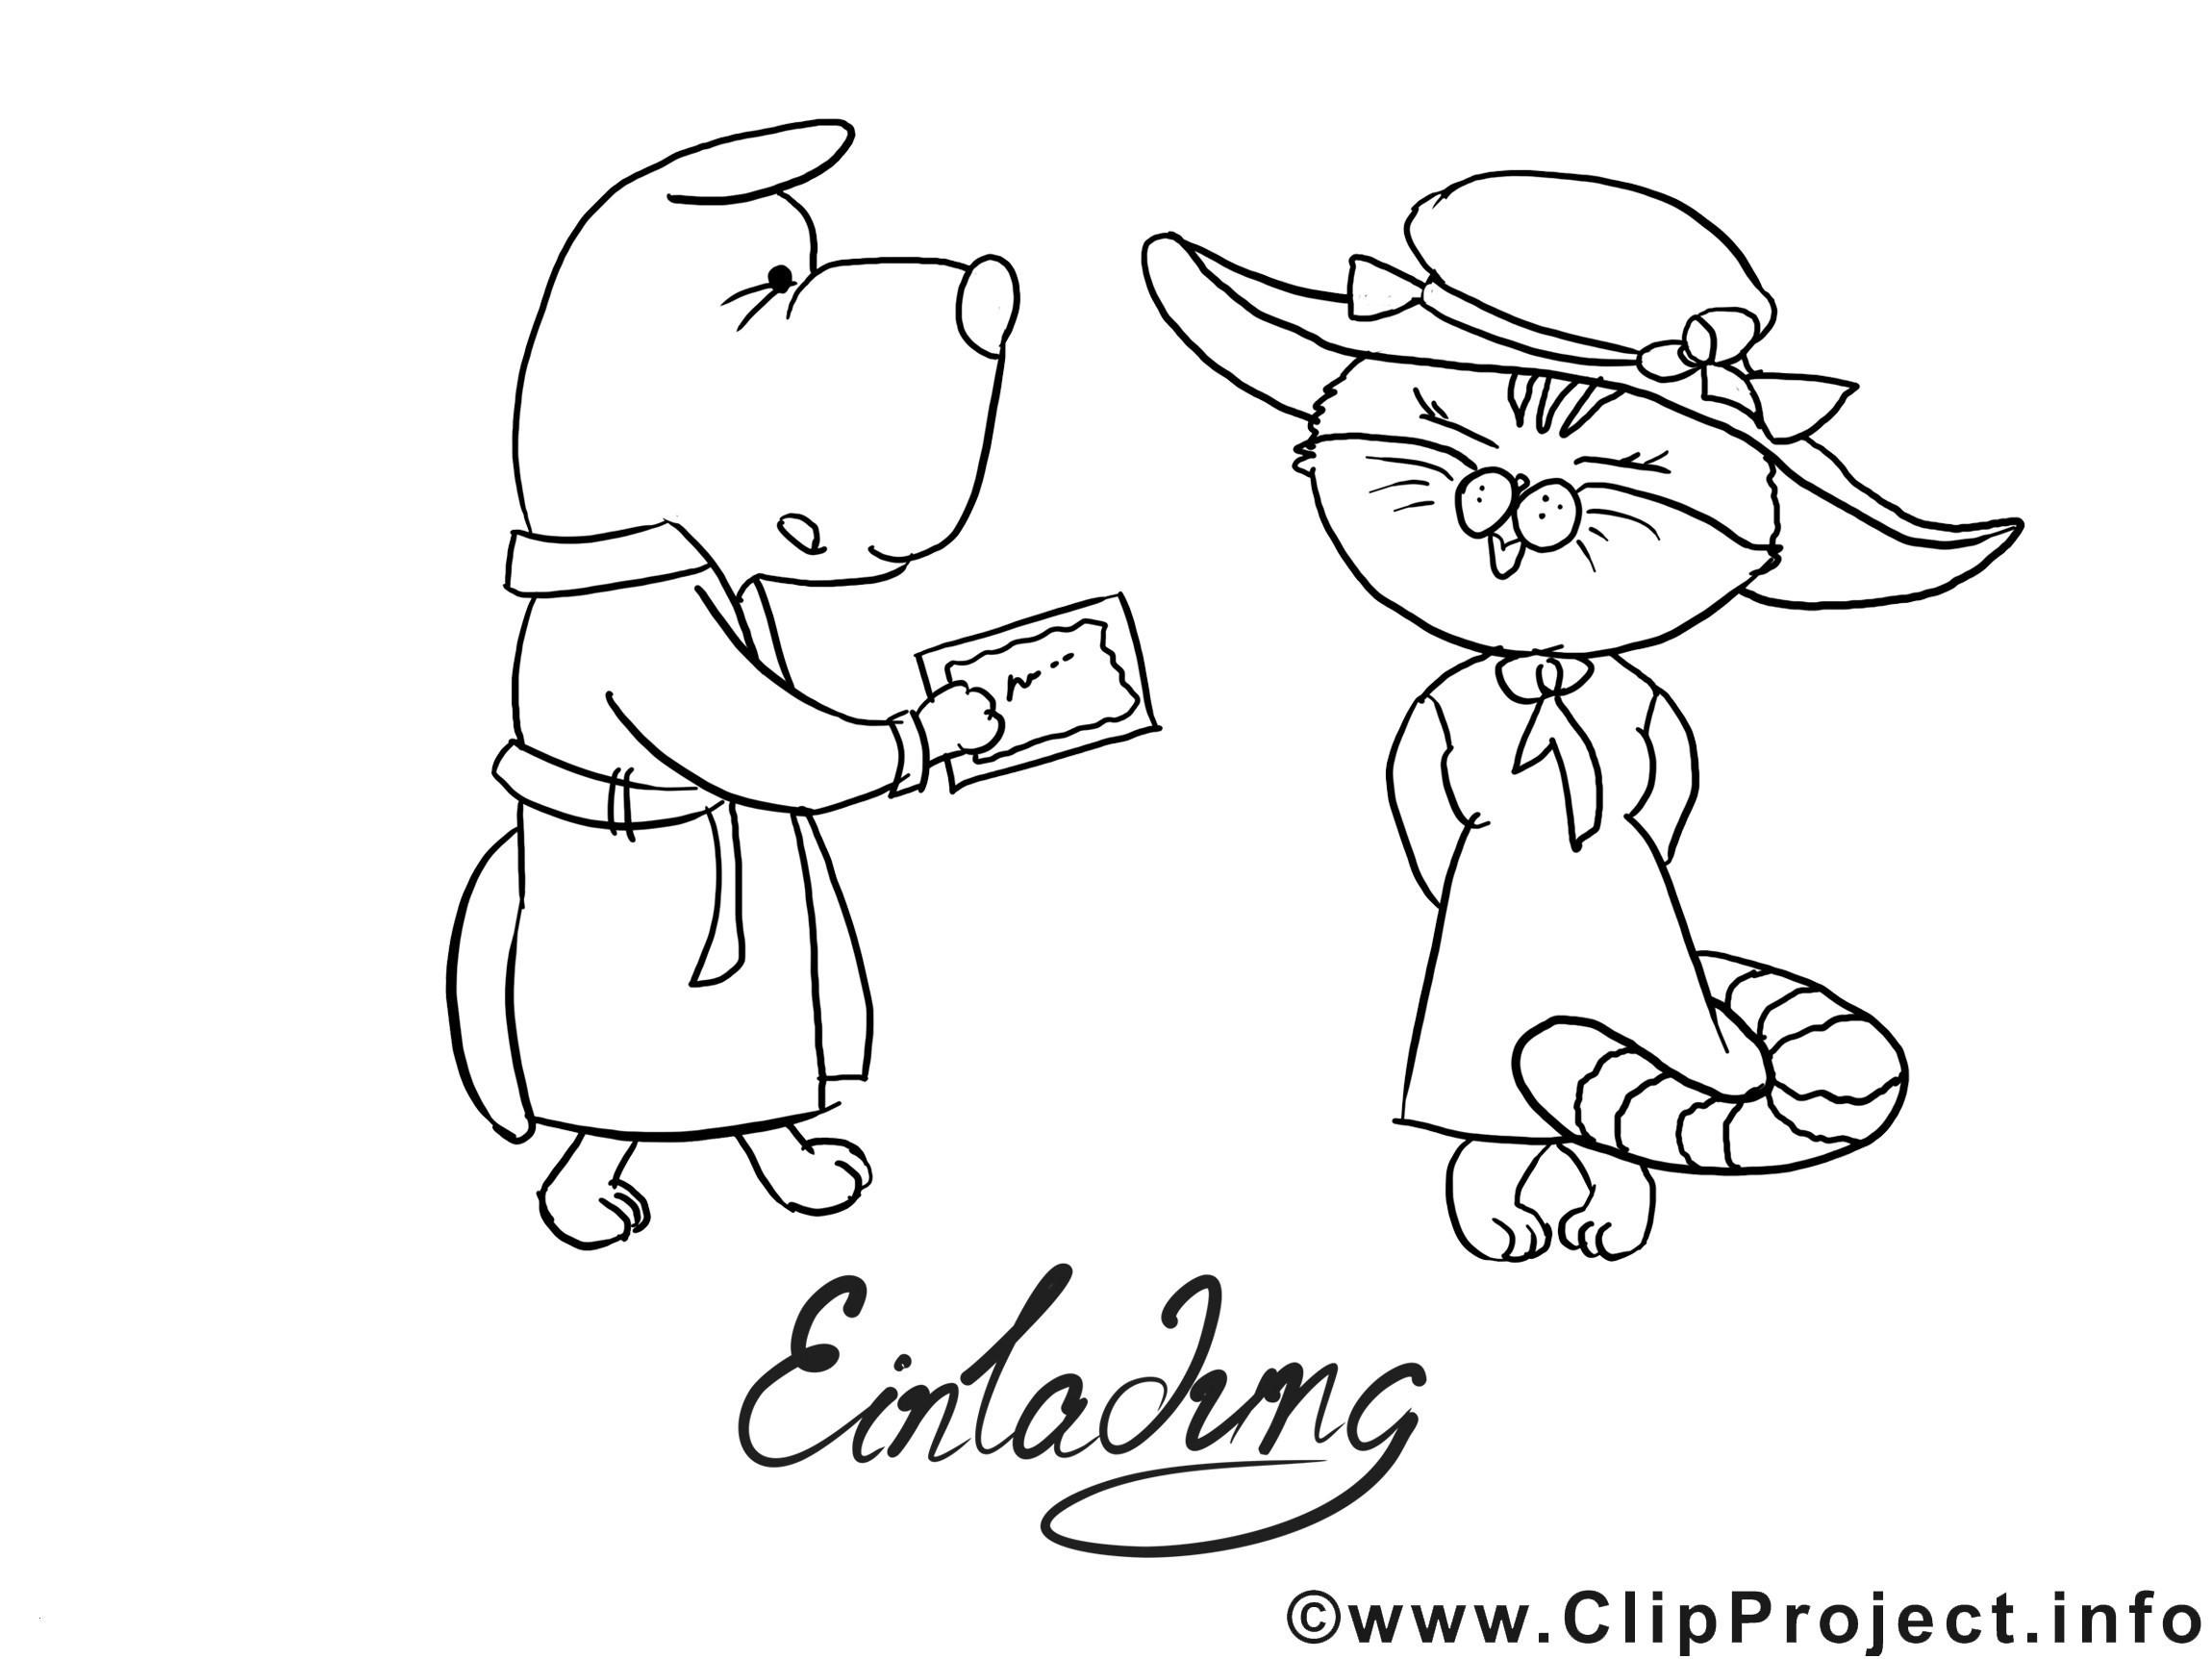 Ausmalbilder Katze Und Hund Das Beste Von Ausmalbilder Katzen Zum Ausdrucken Schön 35 Hund Und Katze Galerie